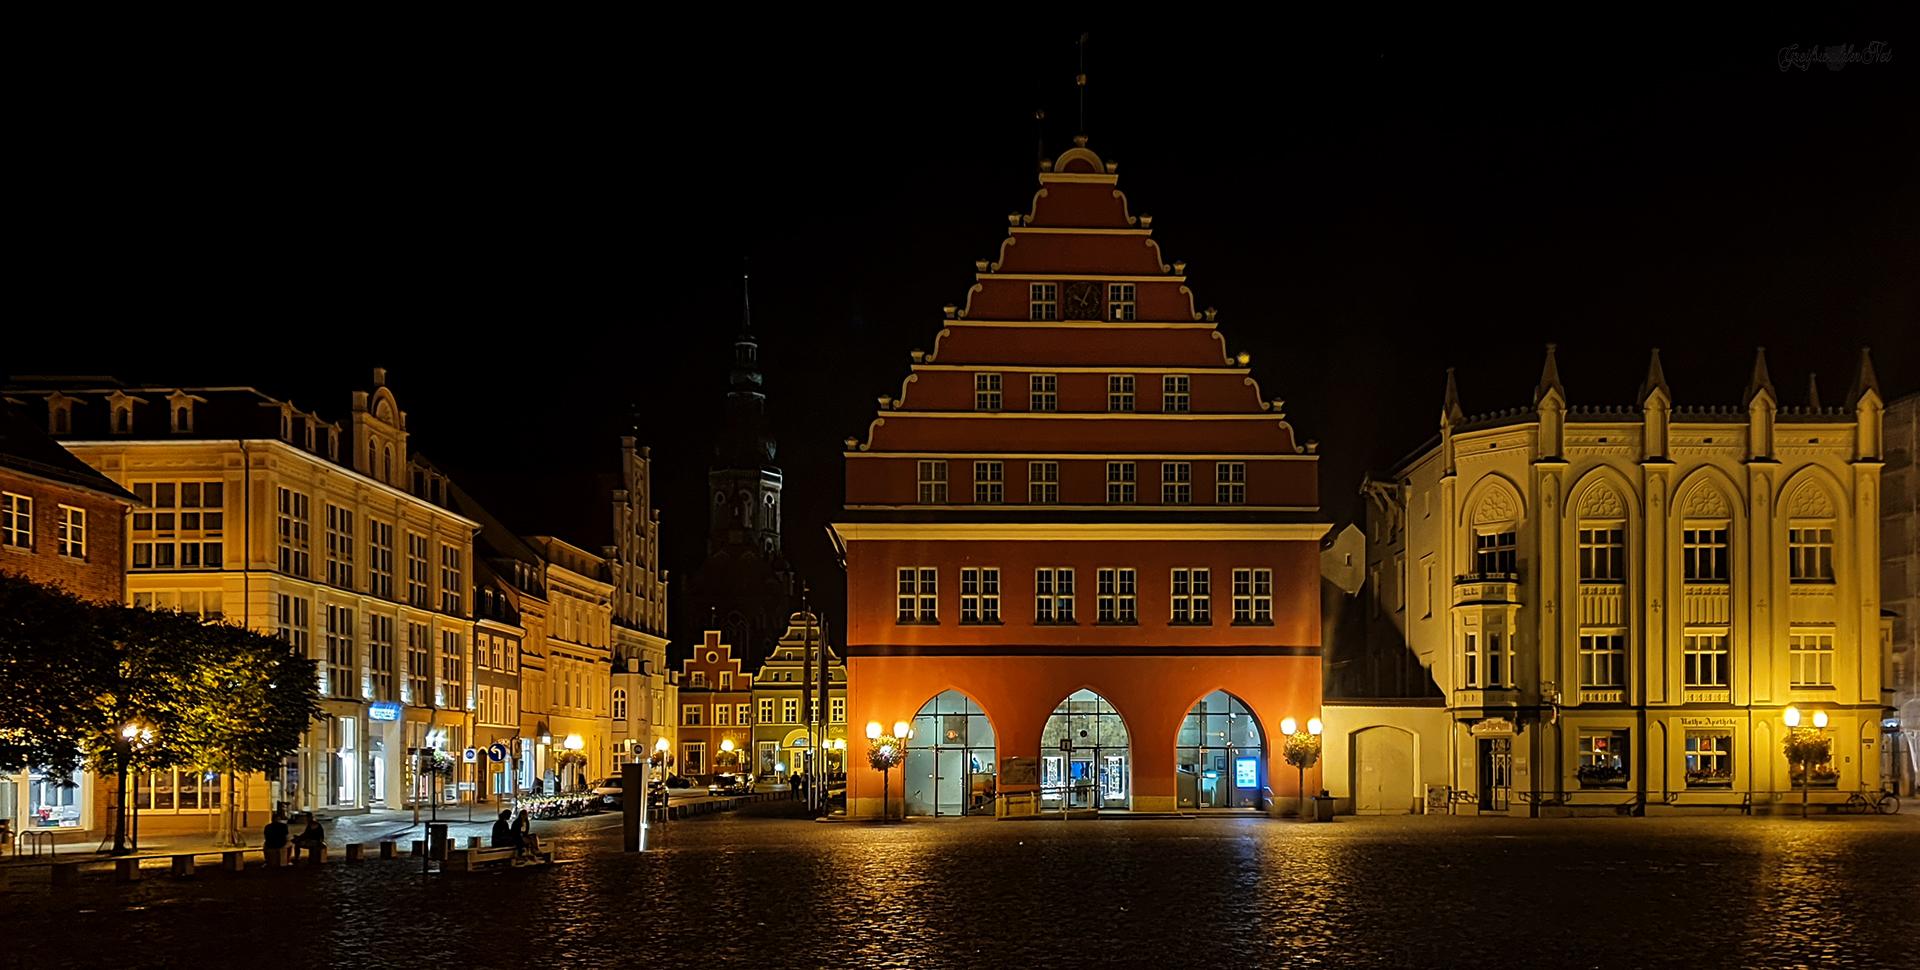 Marktplatz Greifswald bei Nacht